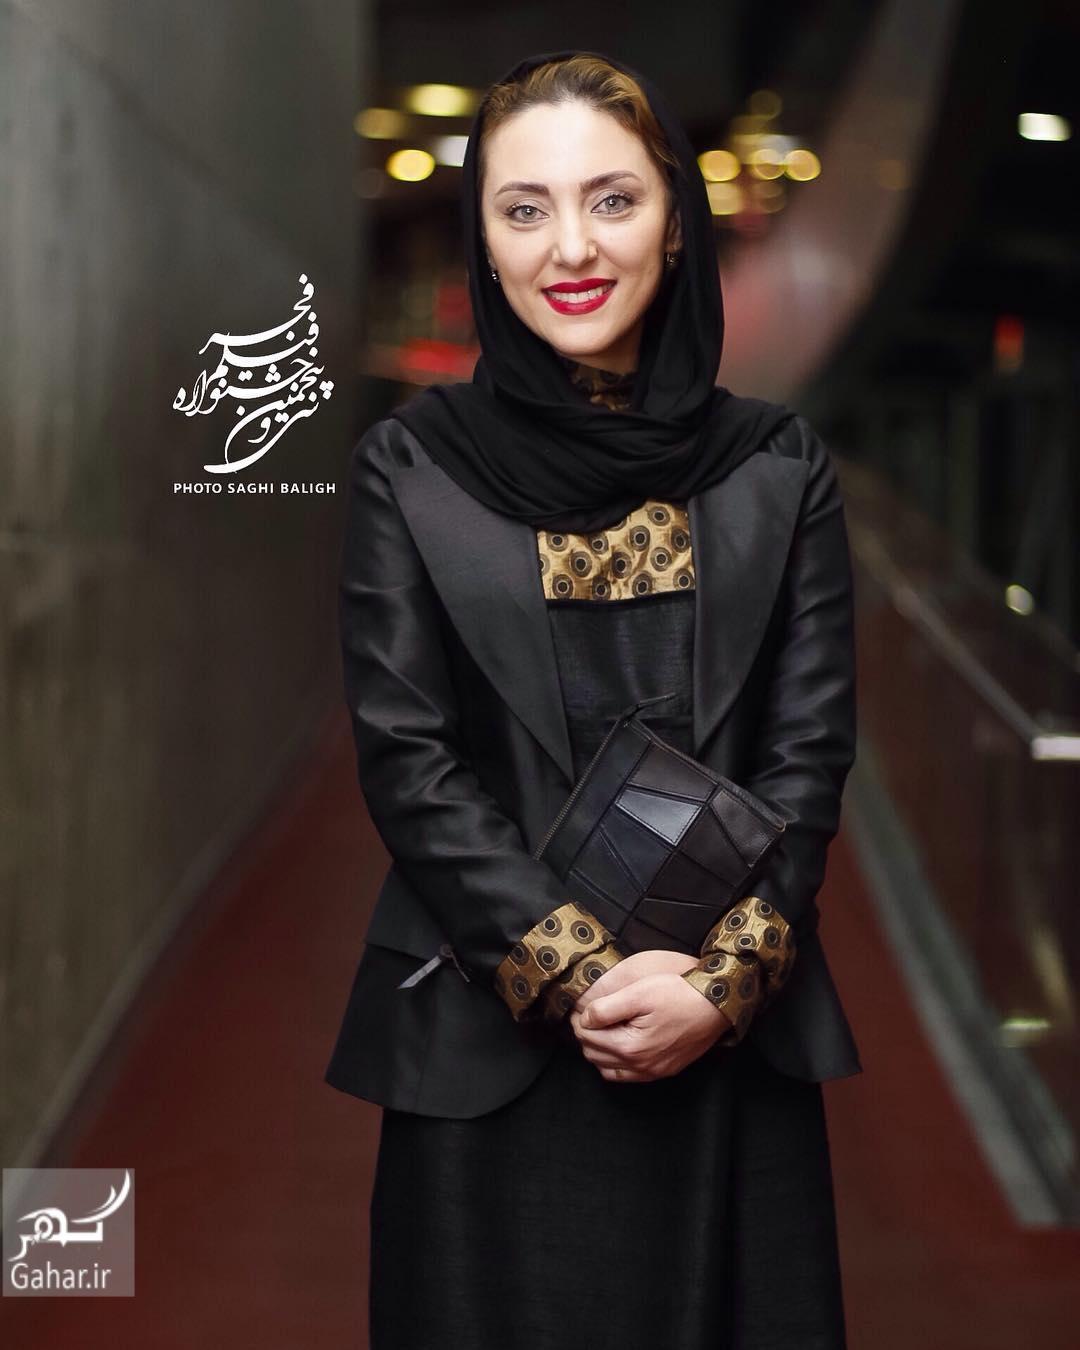 1485887068 عکس های بازیگران در سی و پنجمین جشنواره فیلم فجر؛سری سوم